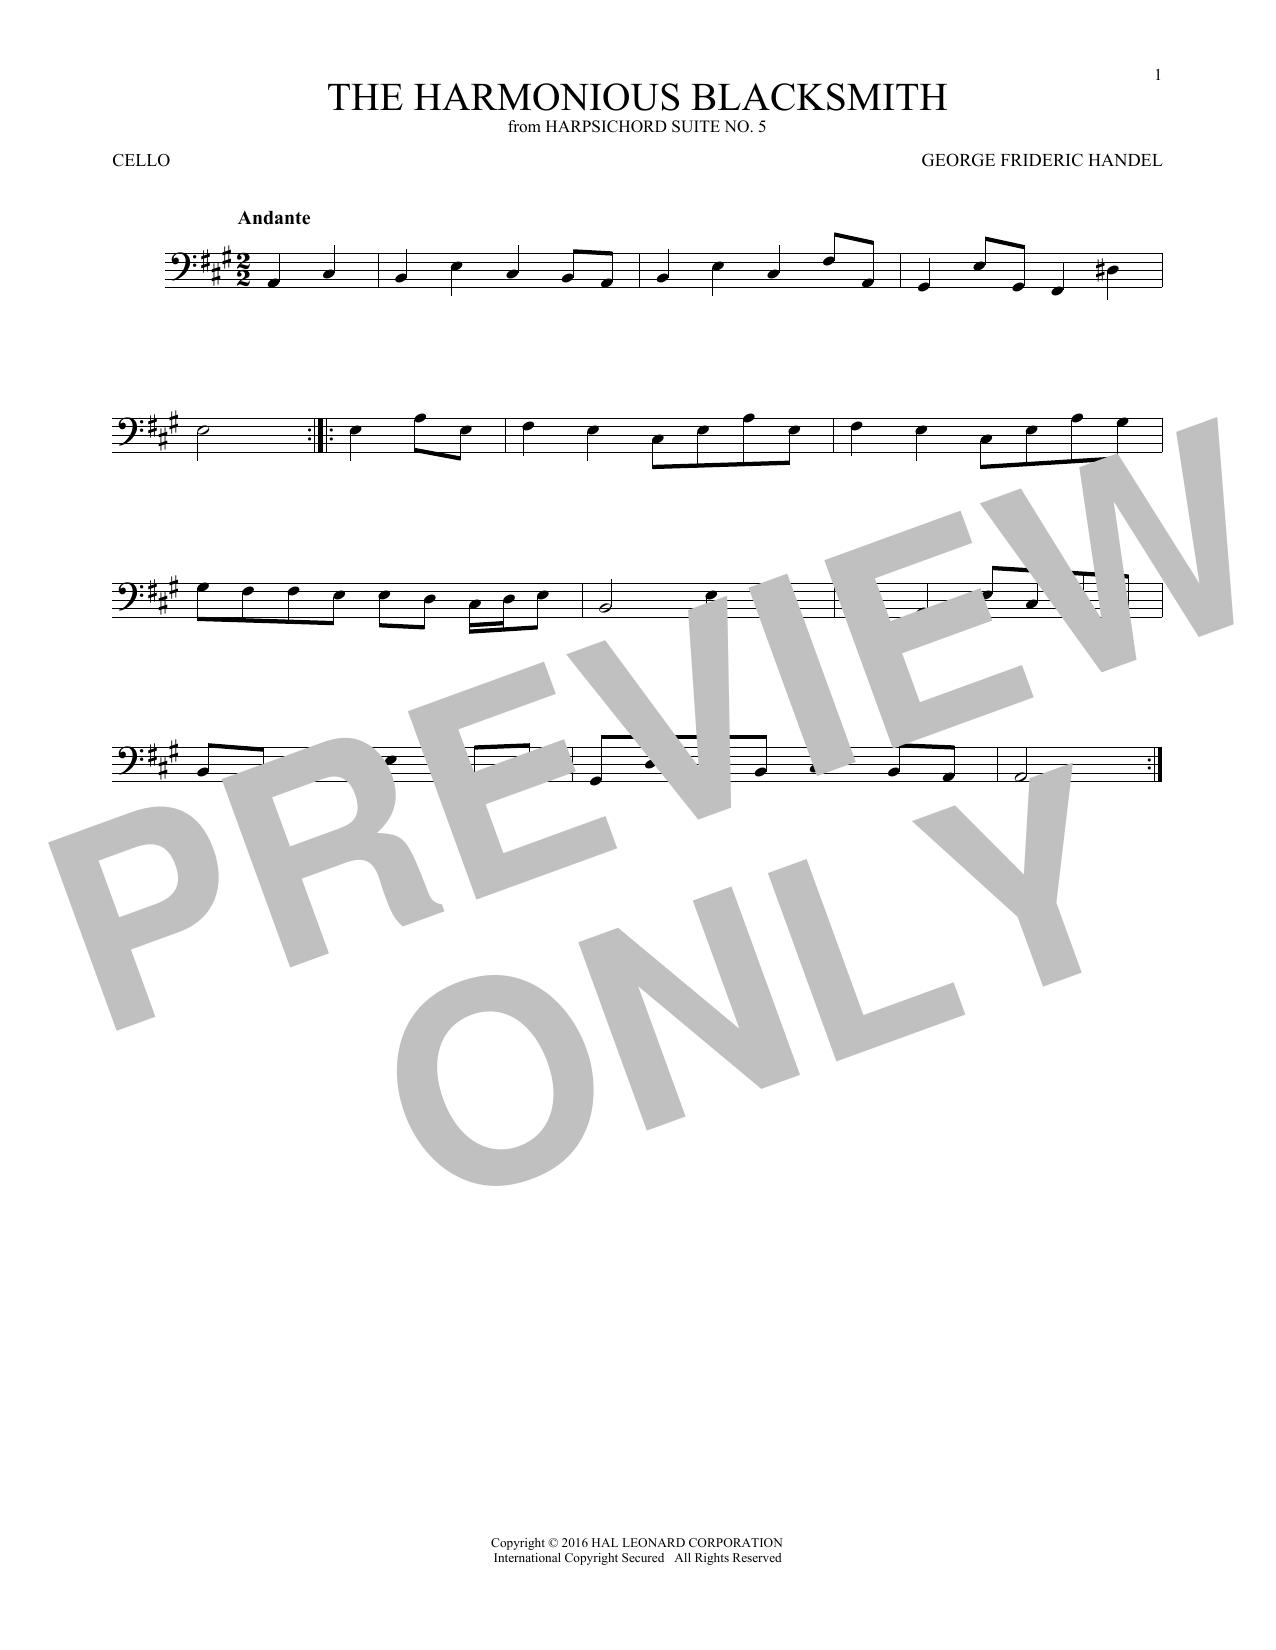 Harmonious Blacksmith (Cello Solo)